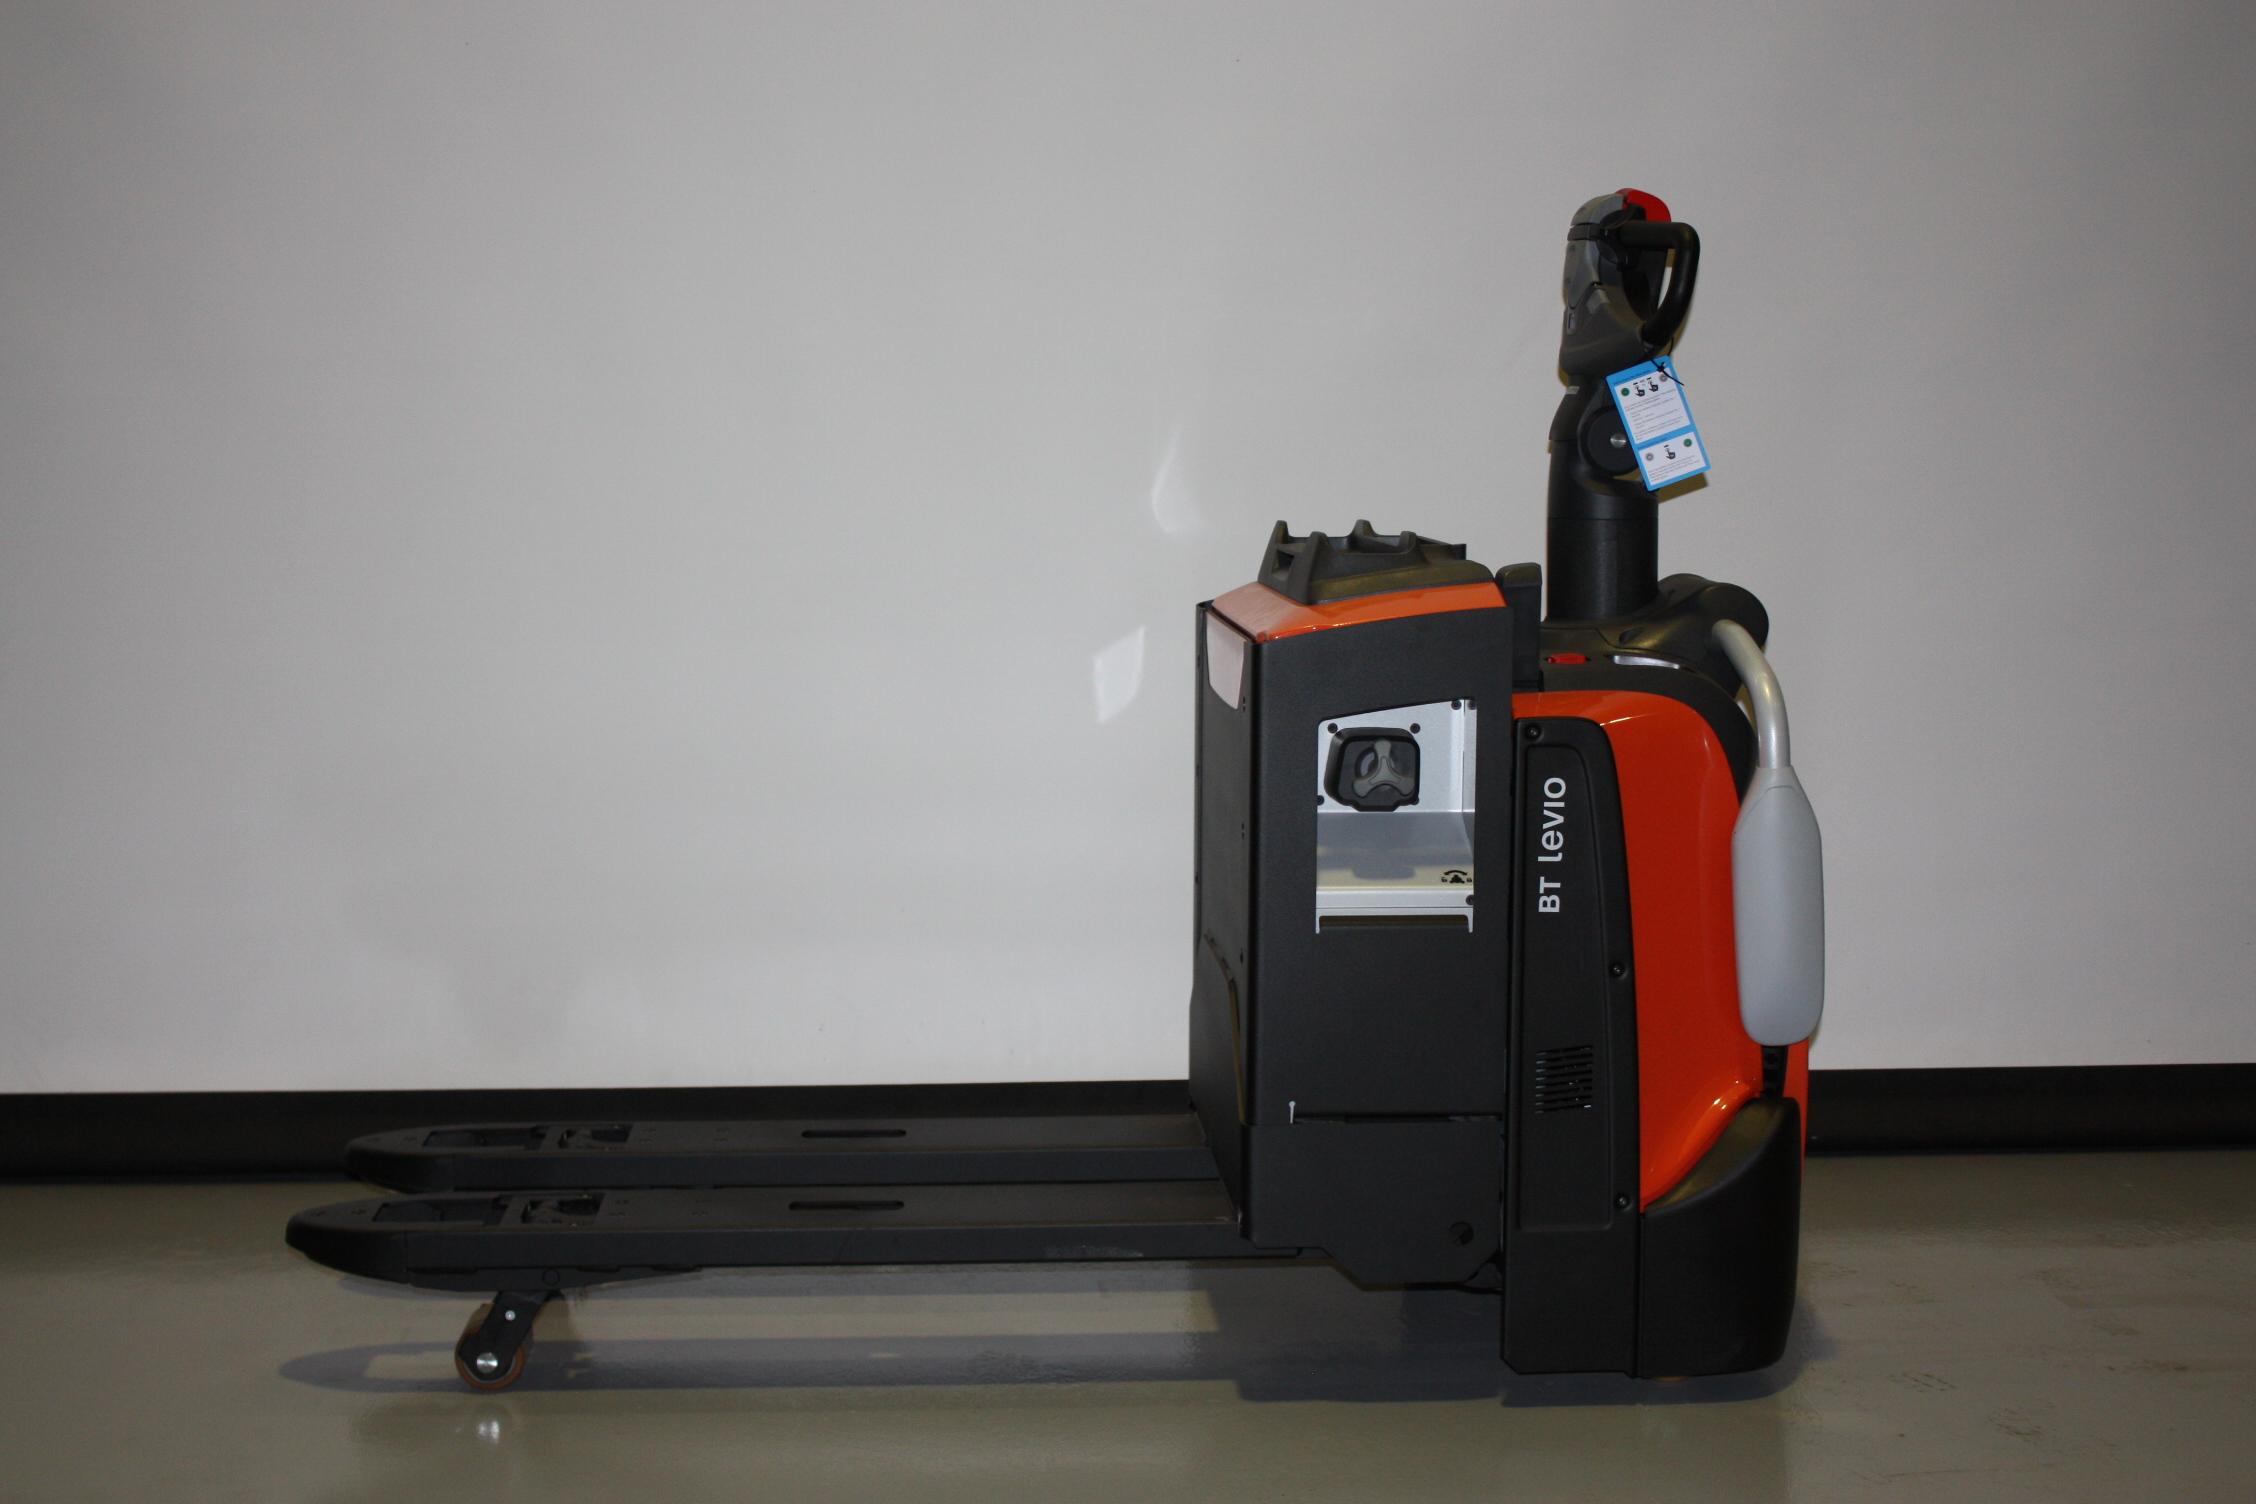 Toyota-Gabelstapler-59840 2007008529 1 6